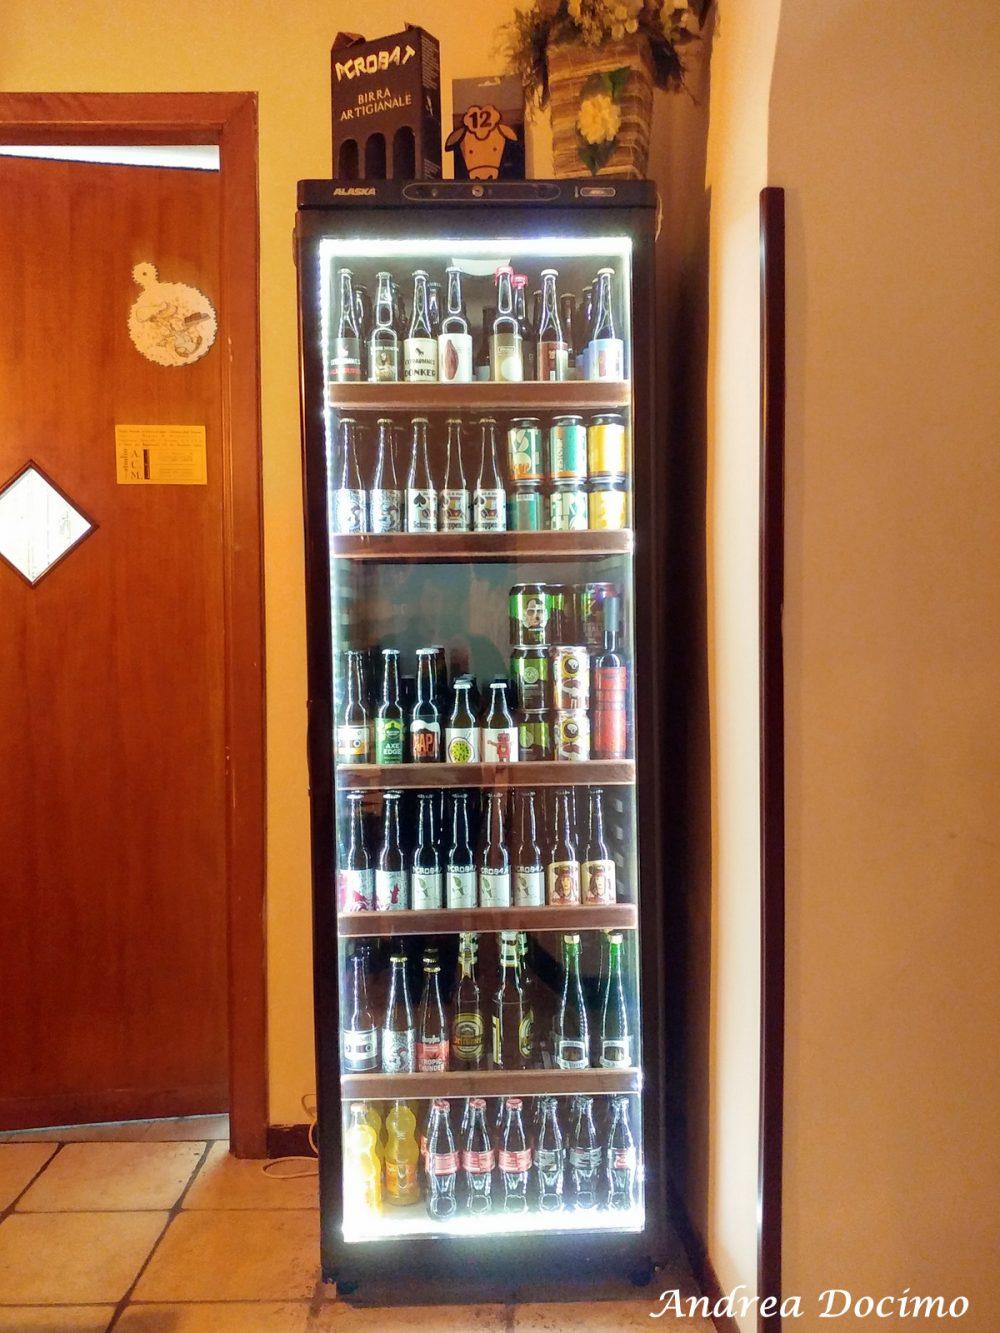 Birstrot, Montesarchio. Il frigo con le birre in bottiglia